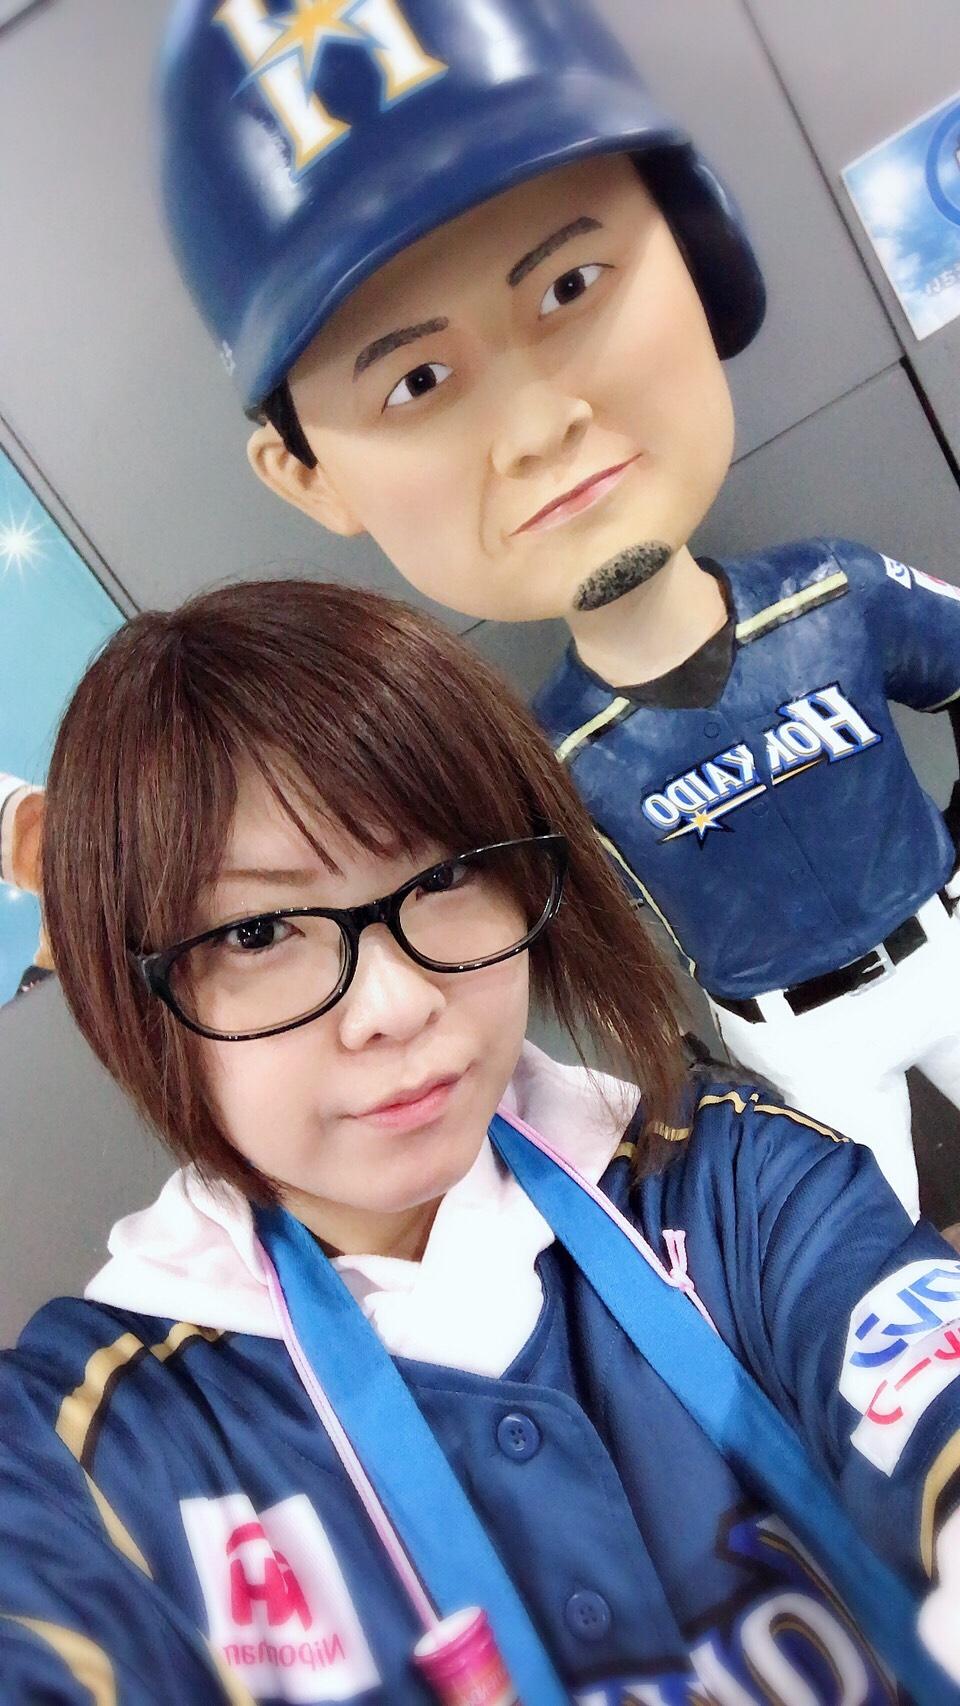 西川選手とパシャリ